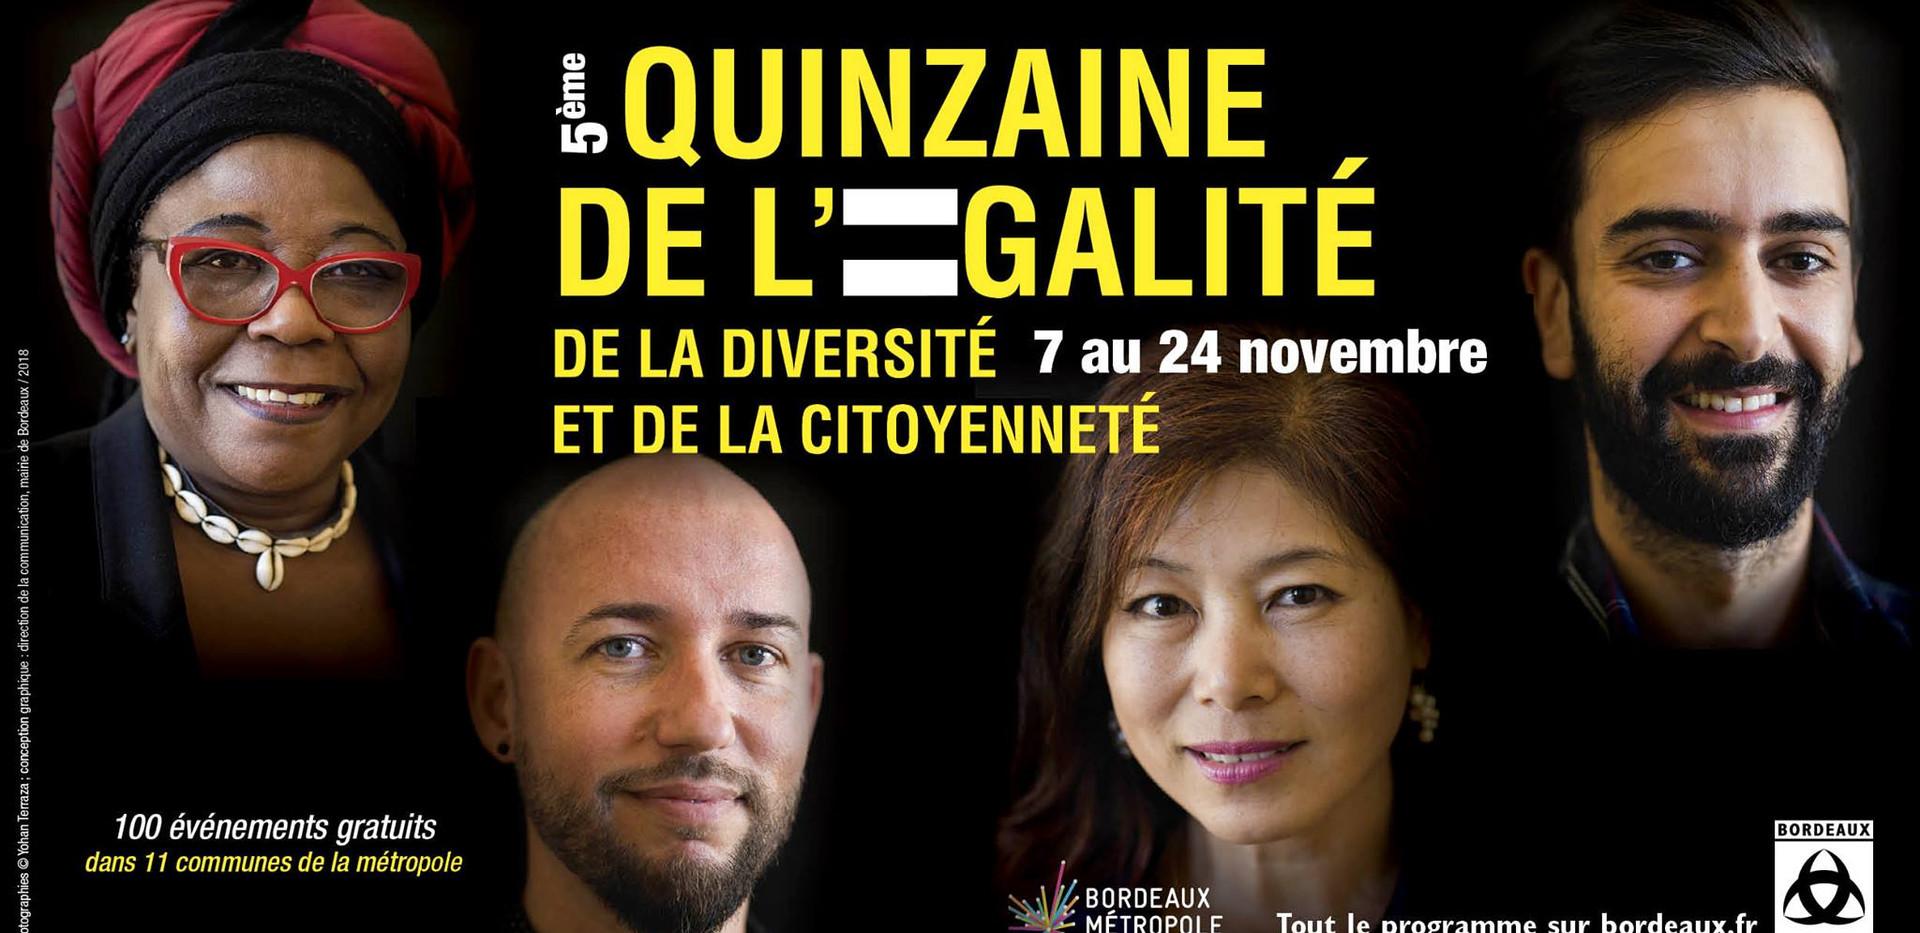 Affiche de la Quinzaine de l'égalité 2018